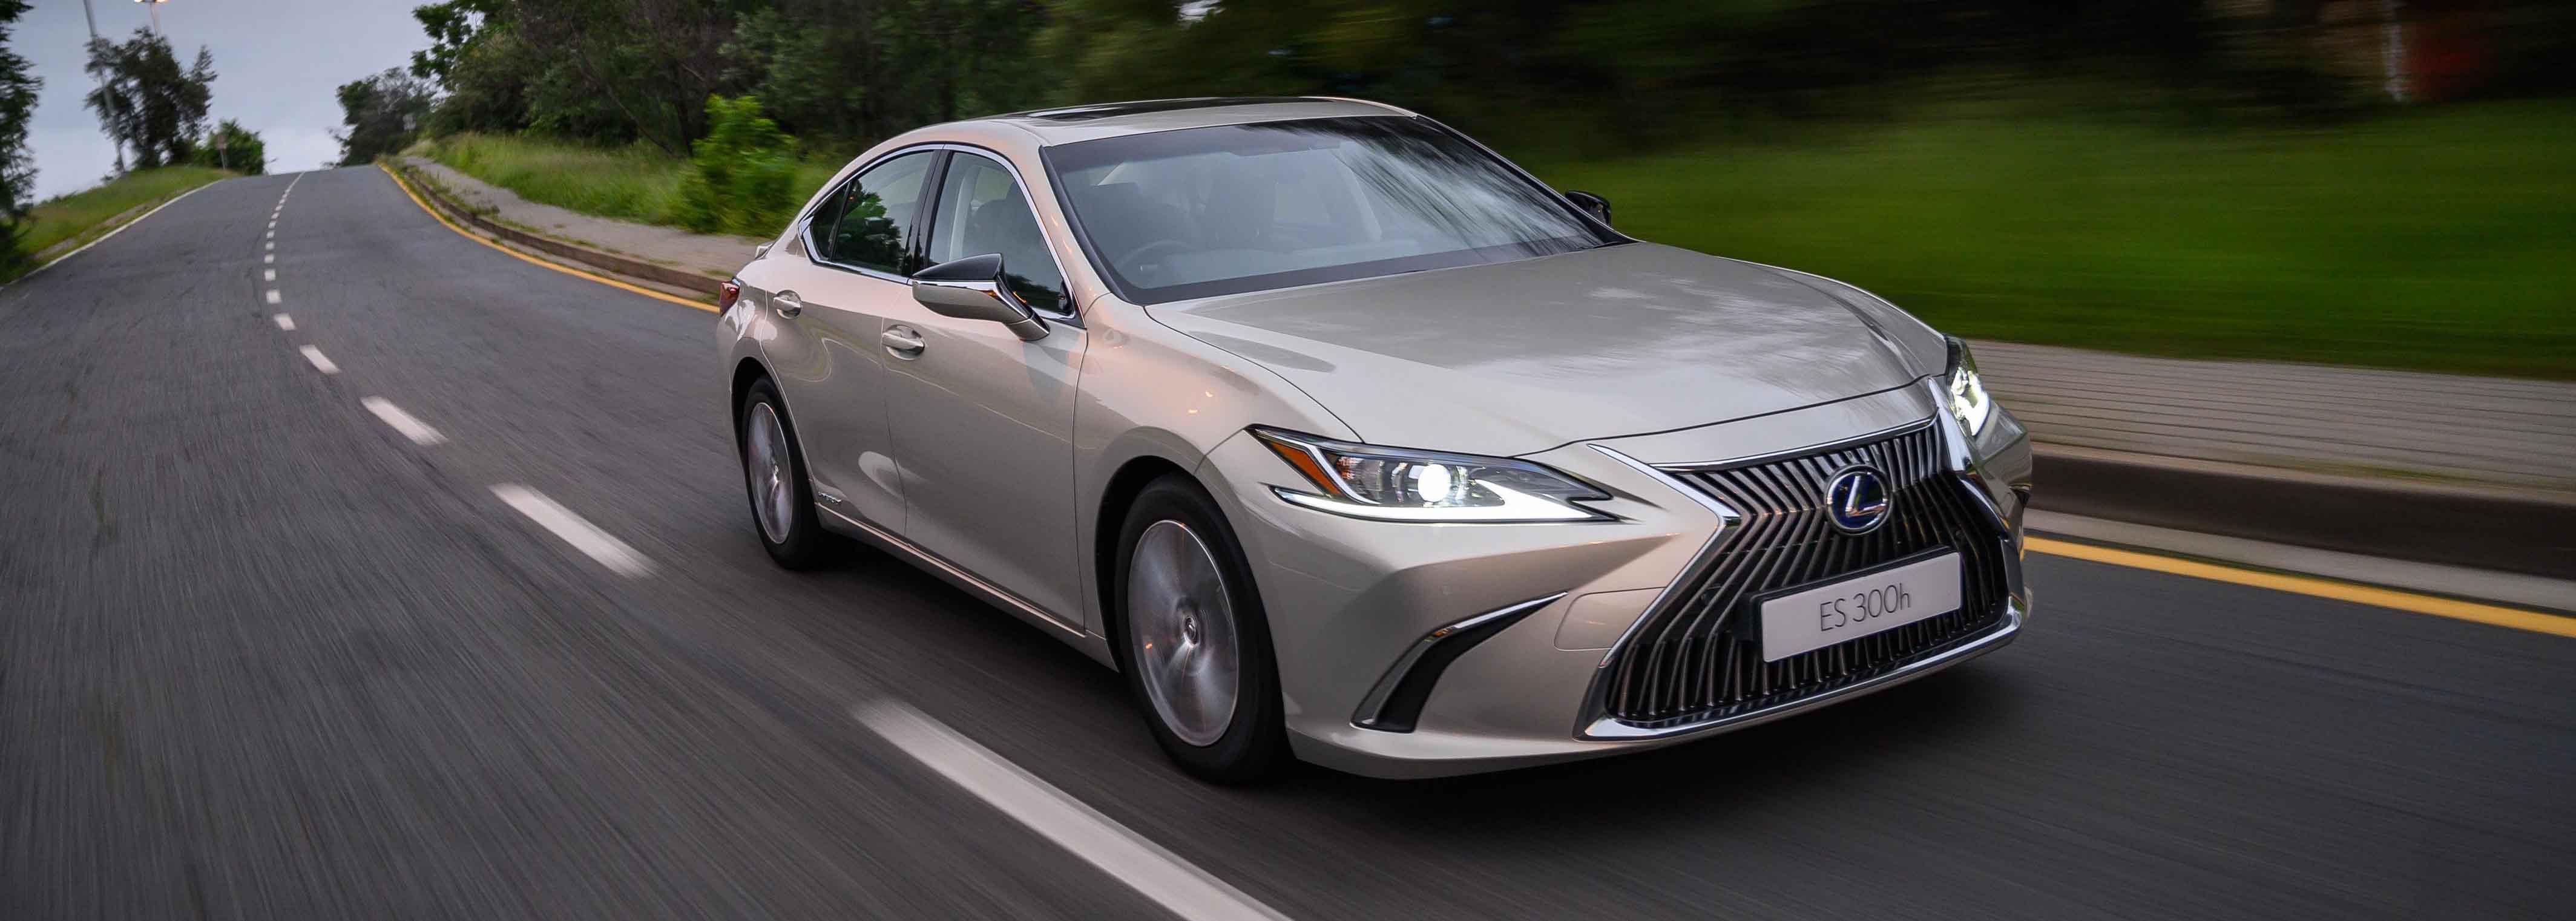 Lexus expands technology of ES range